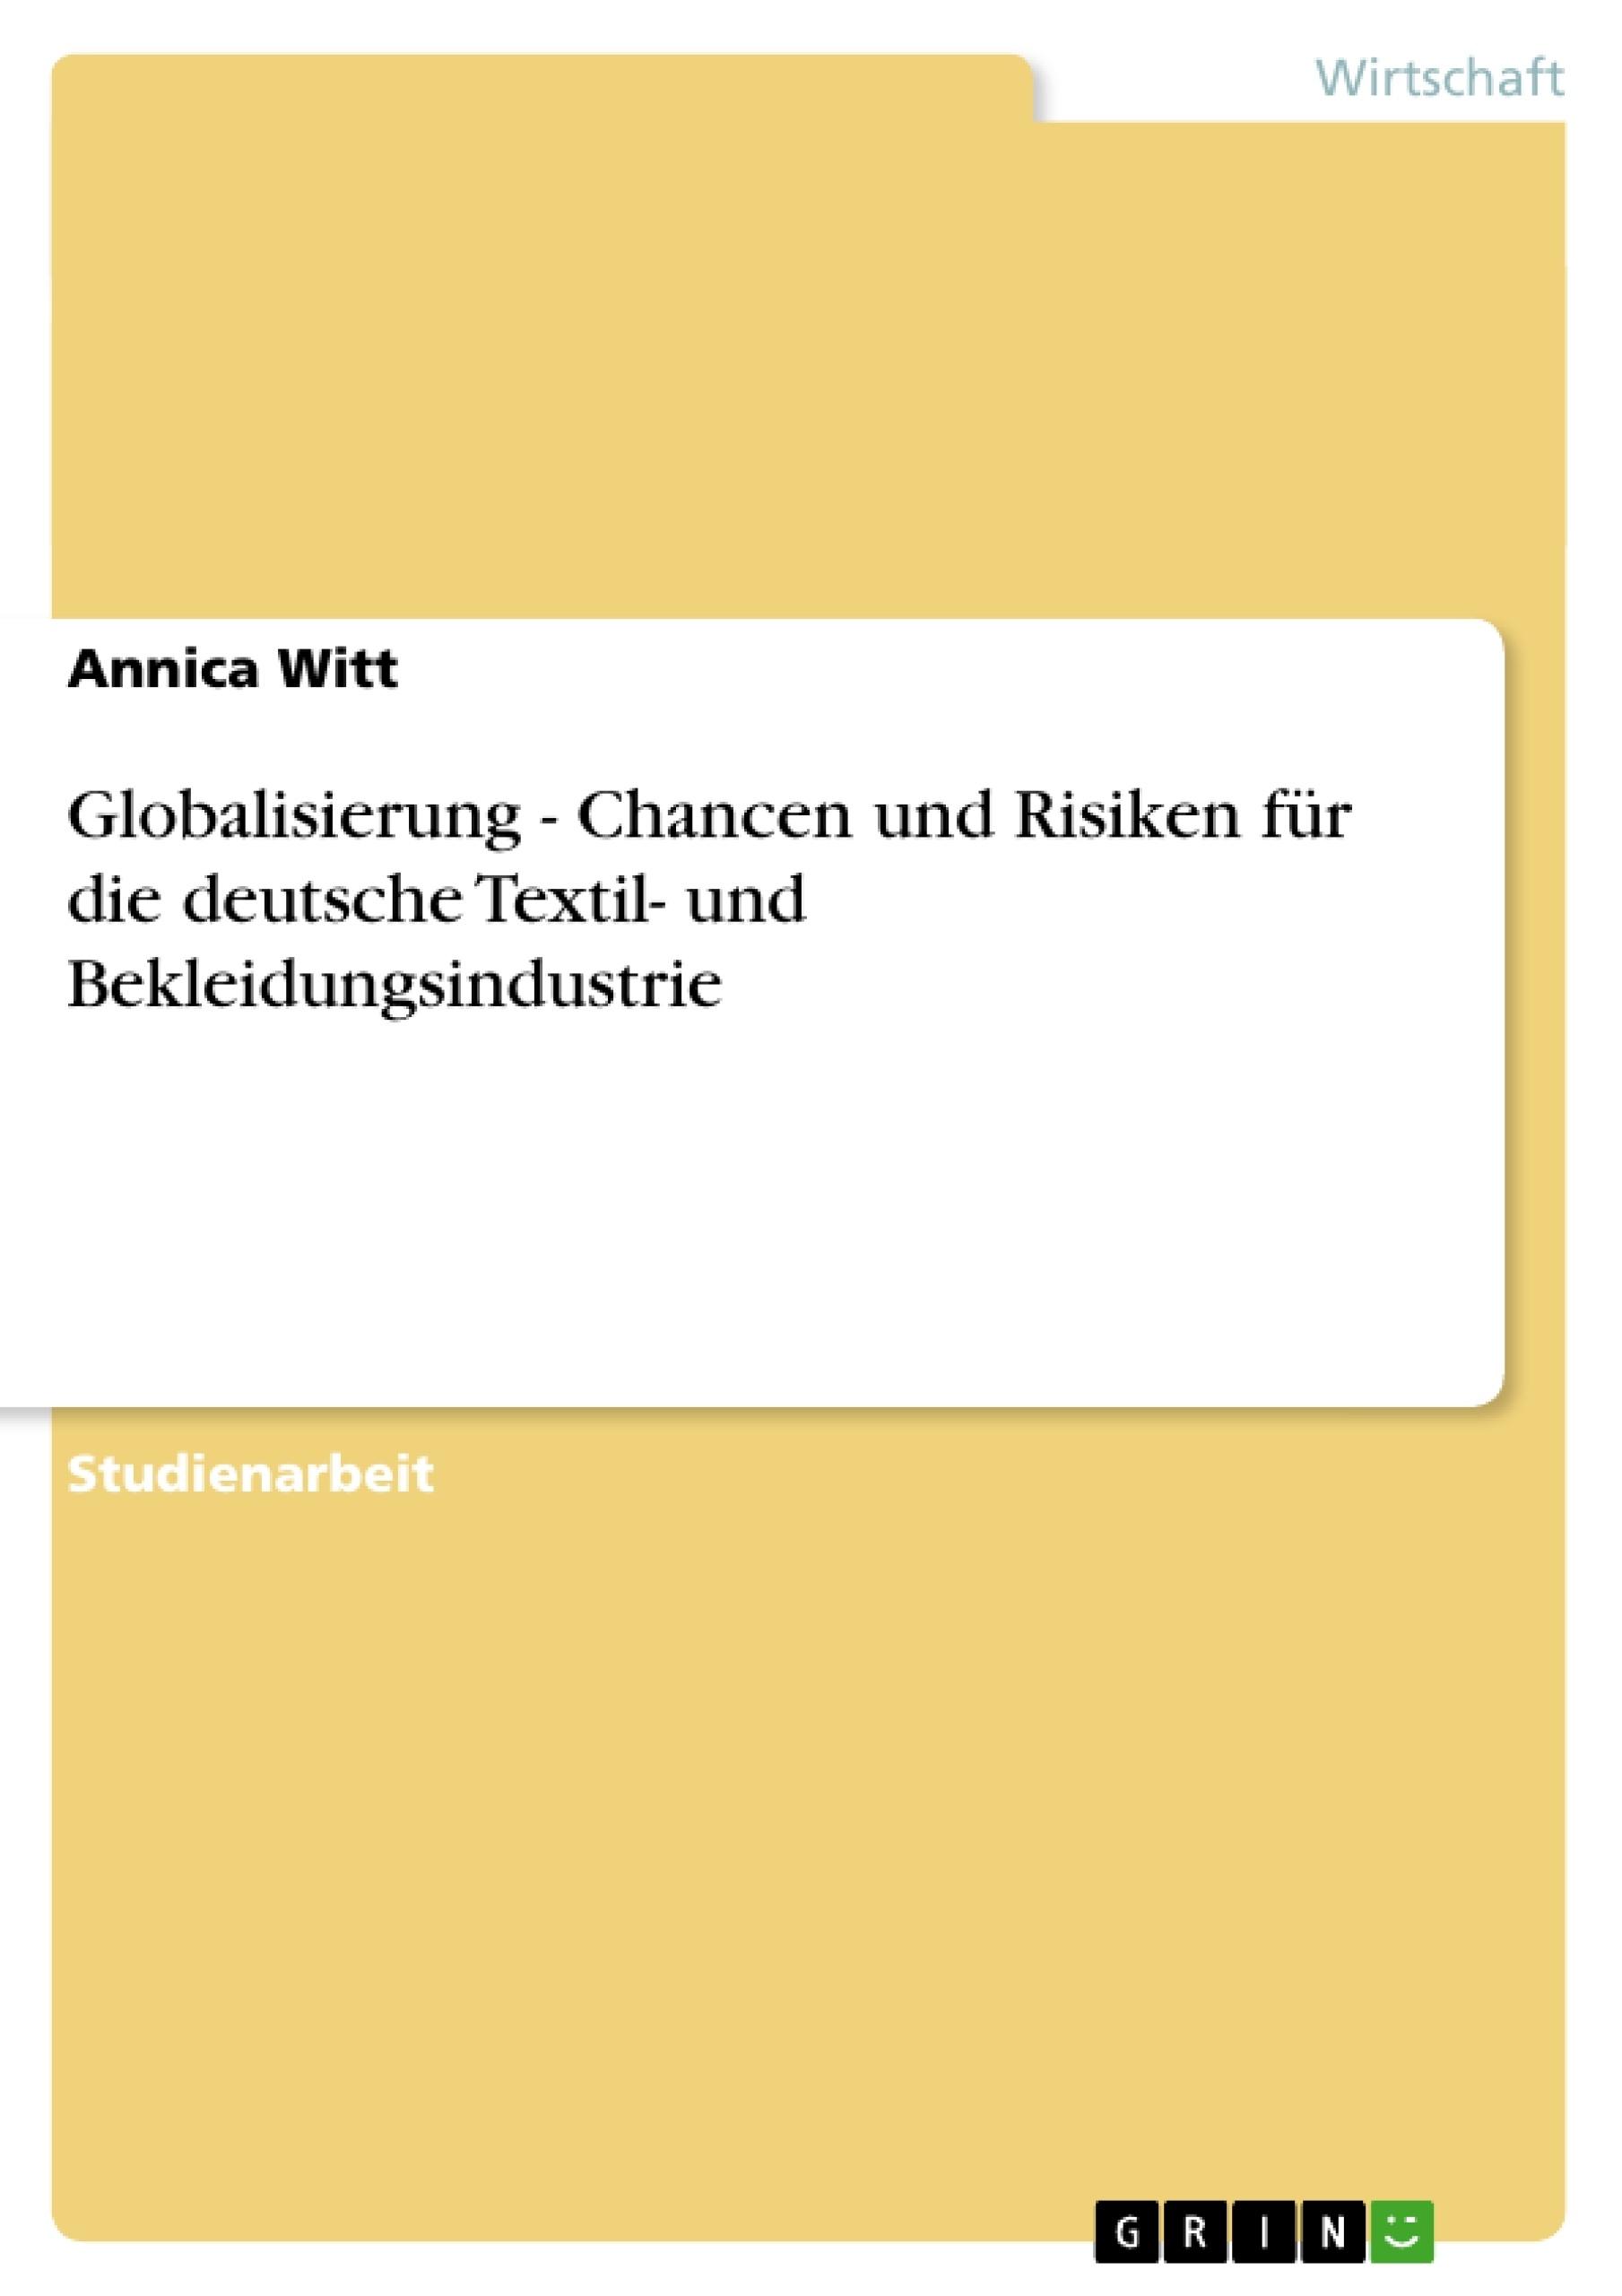 Titel: Globalisierung - Chancen und Risiken für die deutsche Textil- und Bekleidungsindustrie